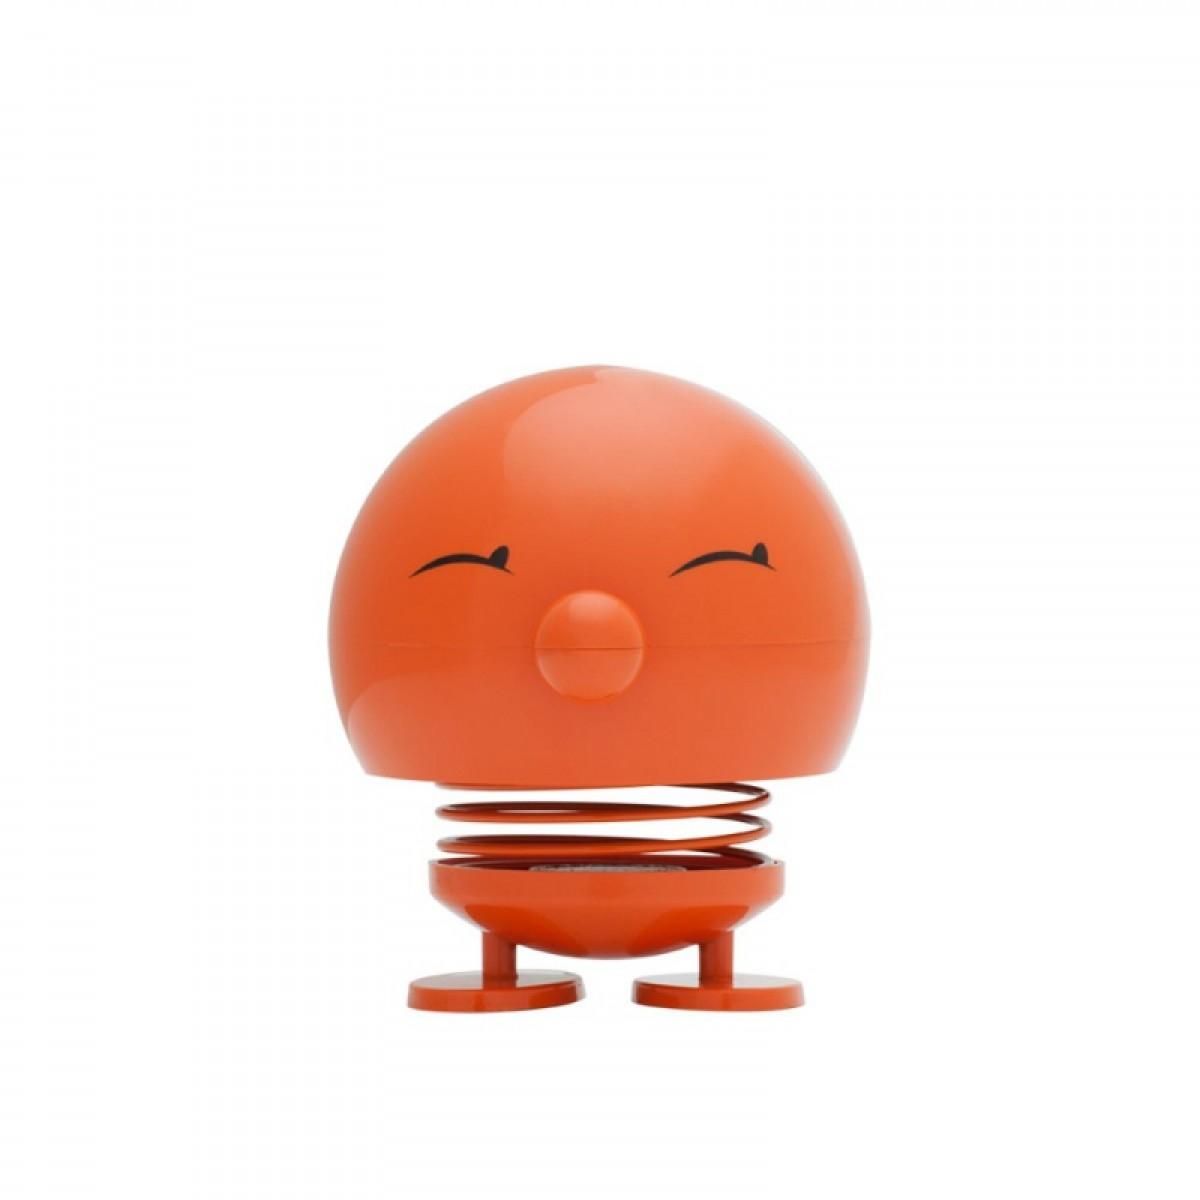 HOPTIMIST Junior bimble orange 10 cm.